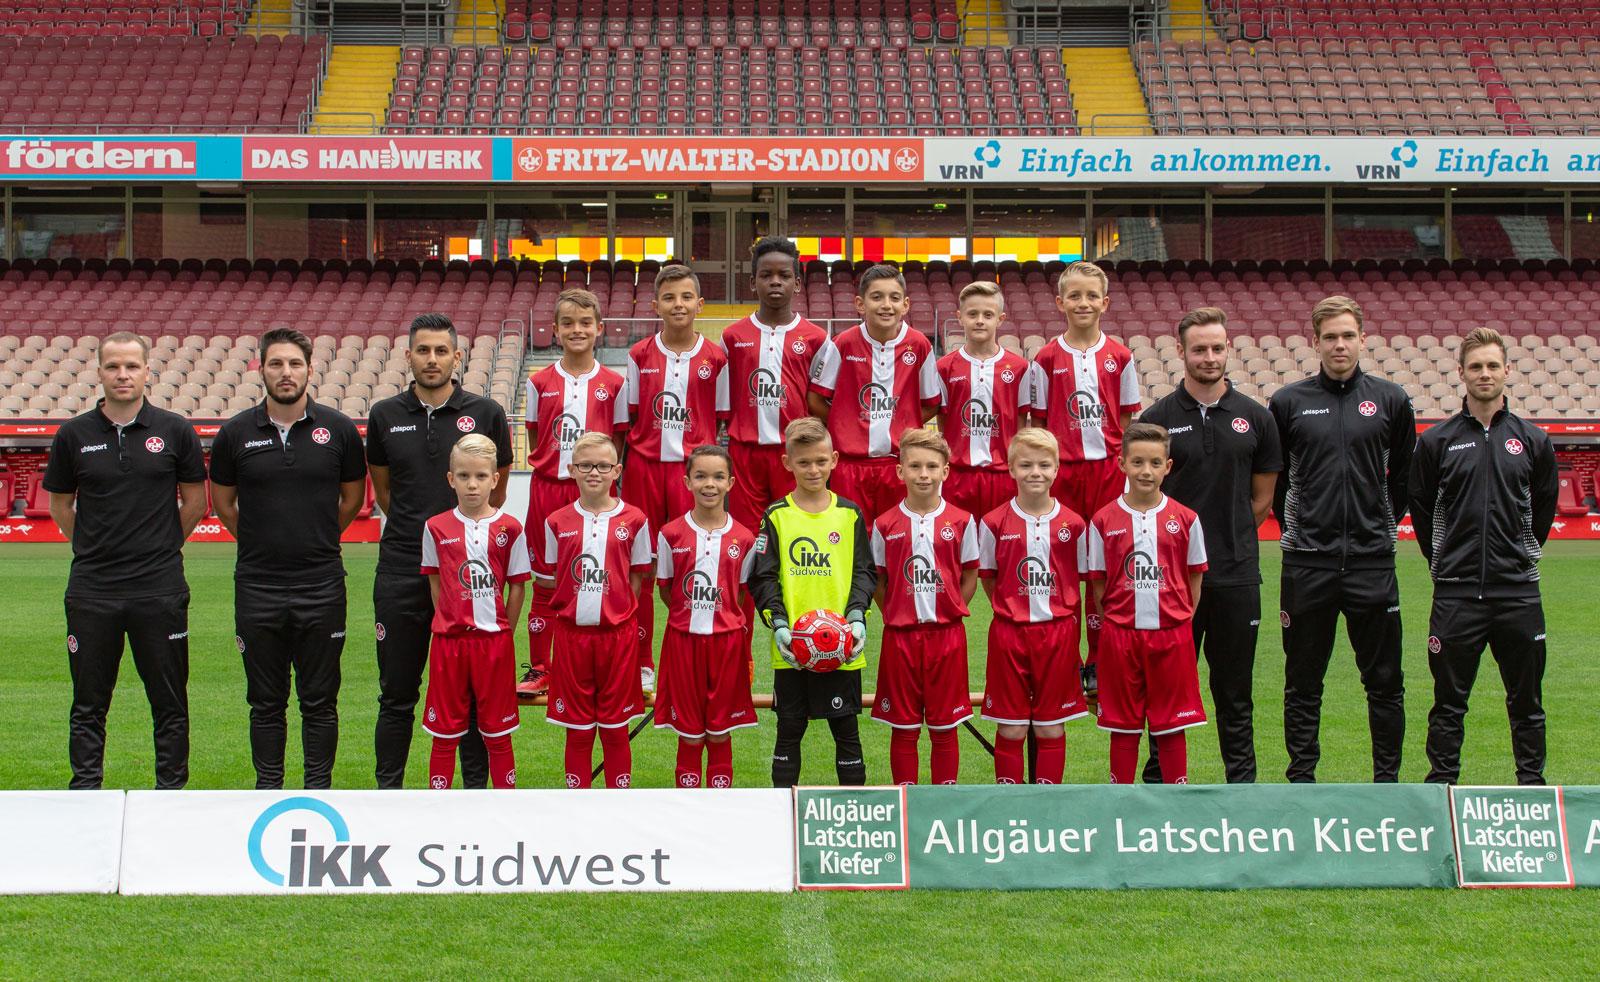 Mannschaftsfoto der FCK-U11 in der Saison 2018/19